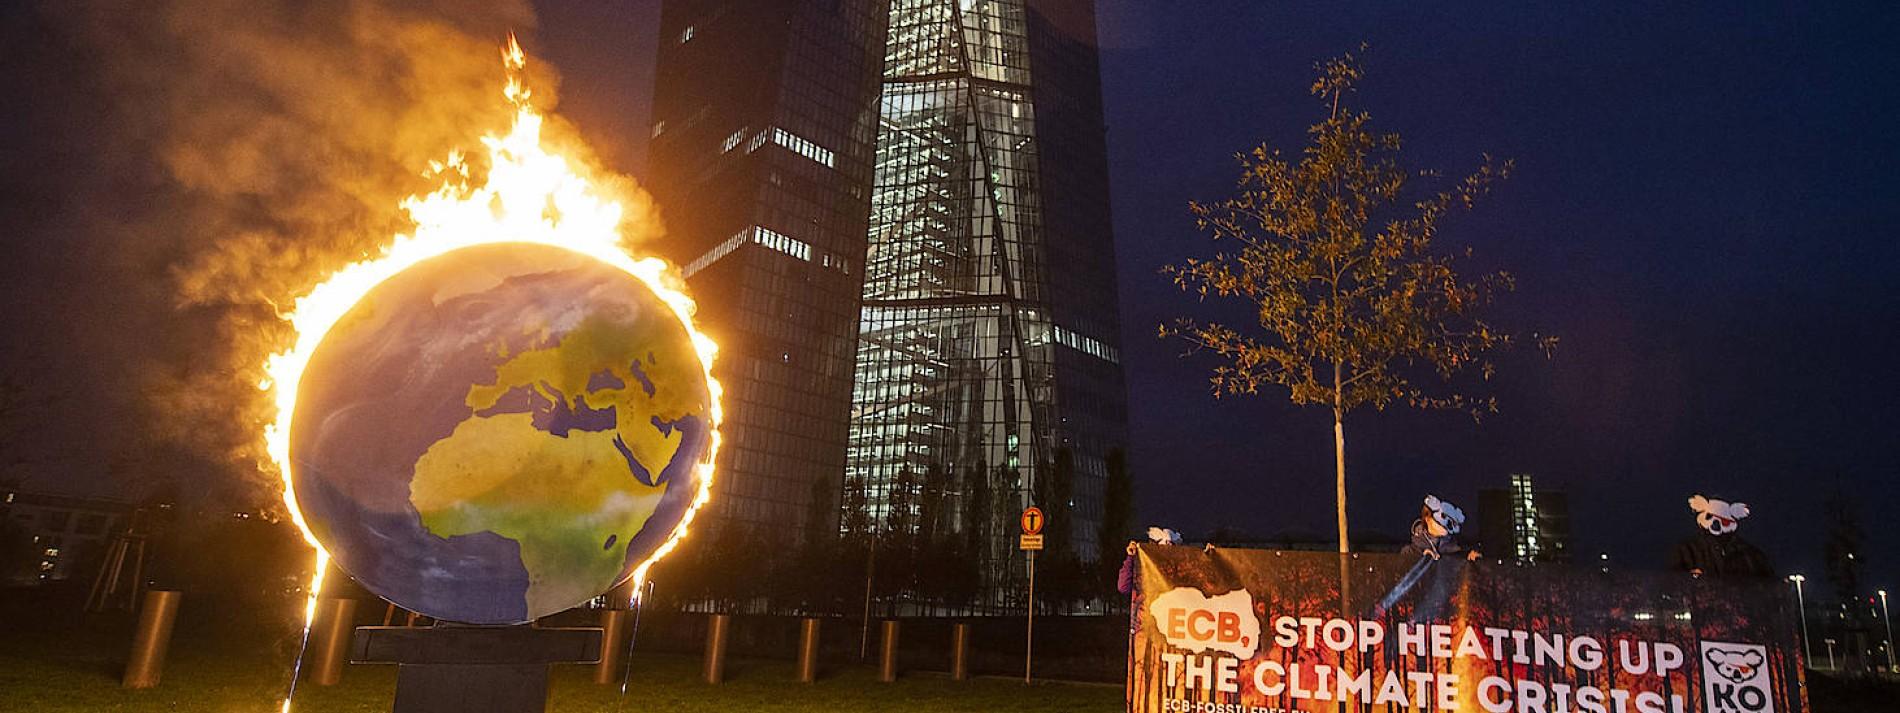 Umweltschützer zünden Globus vor EZB an